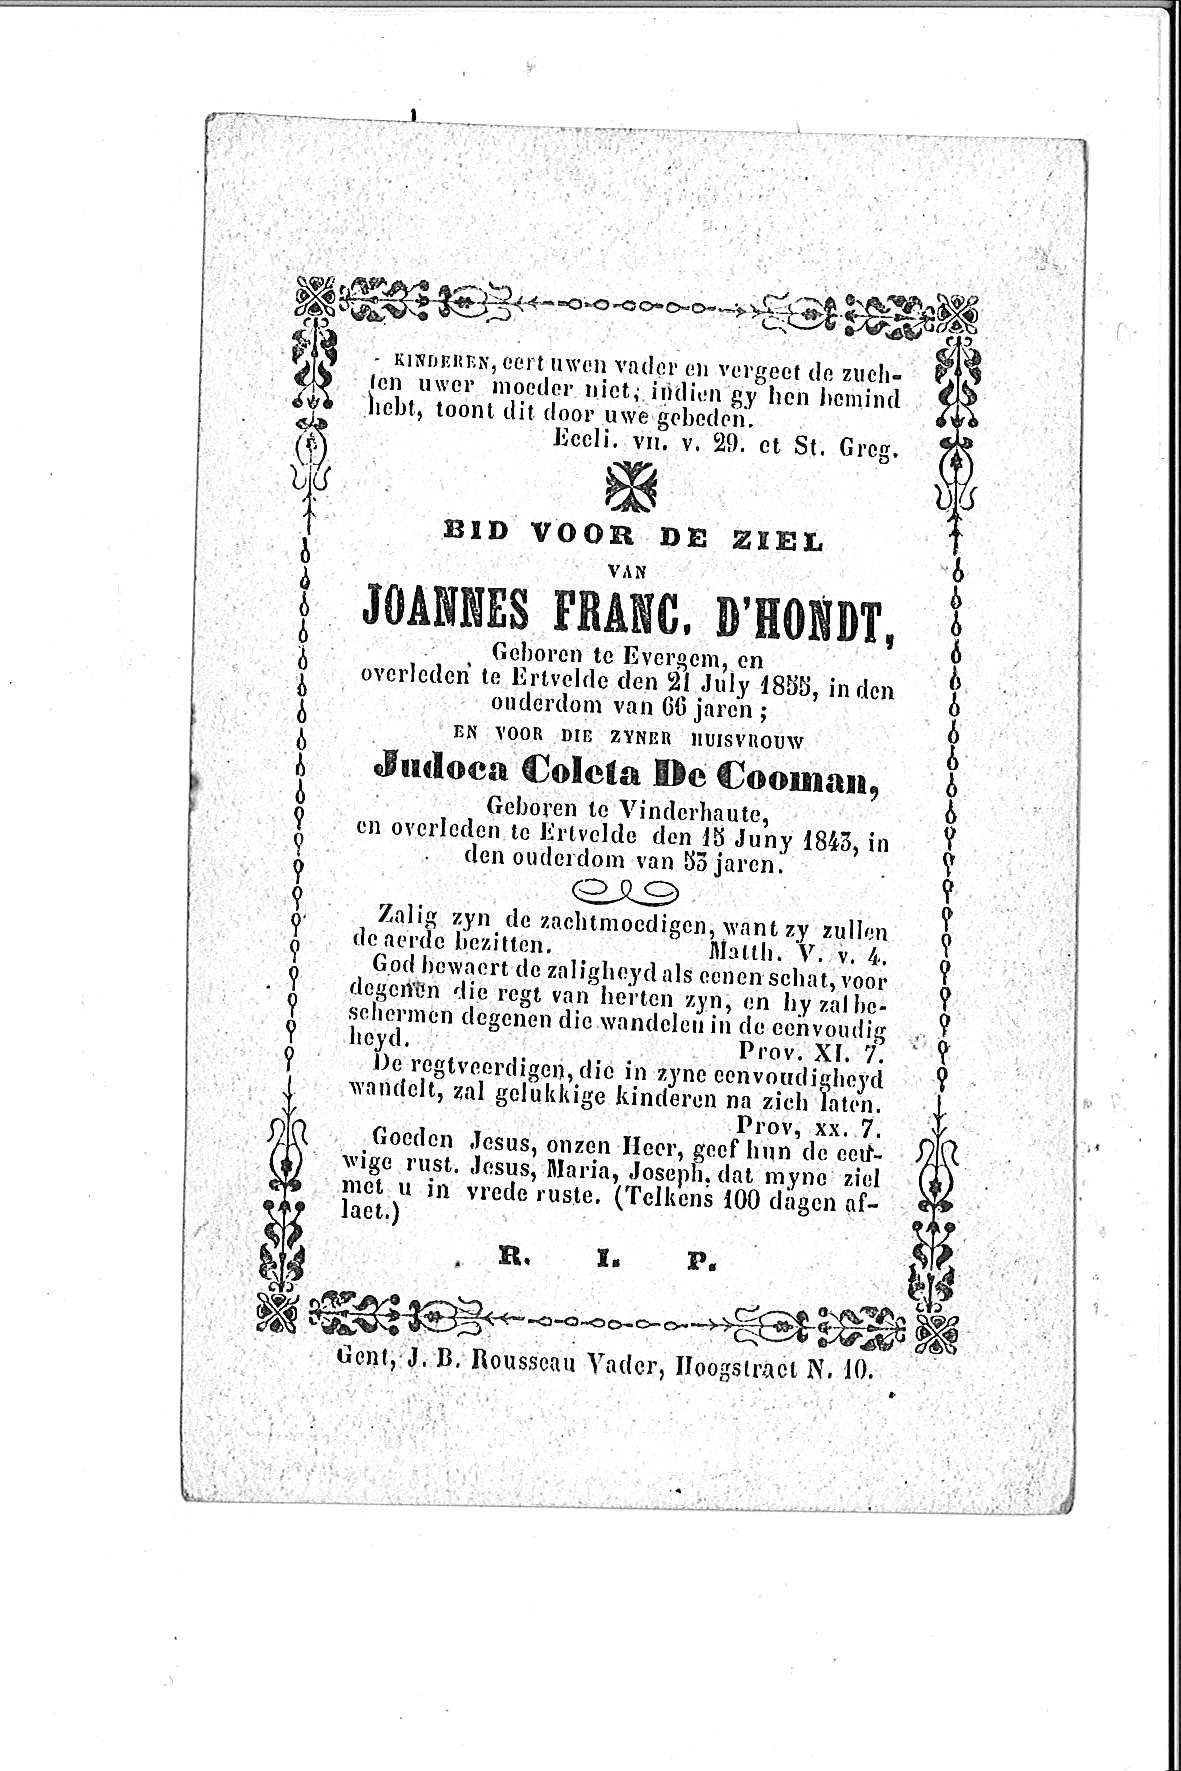 Judoca-Coleta(1843)20150120083751_00057.jpg